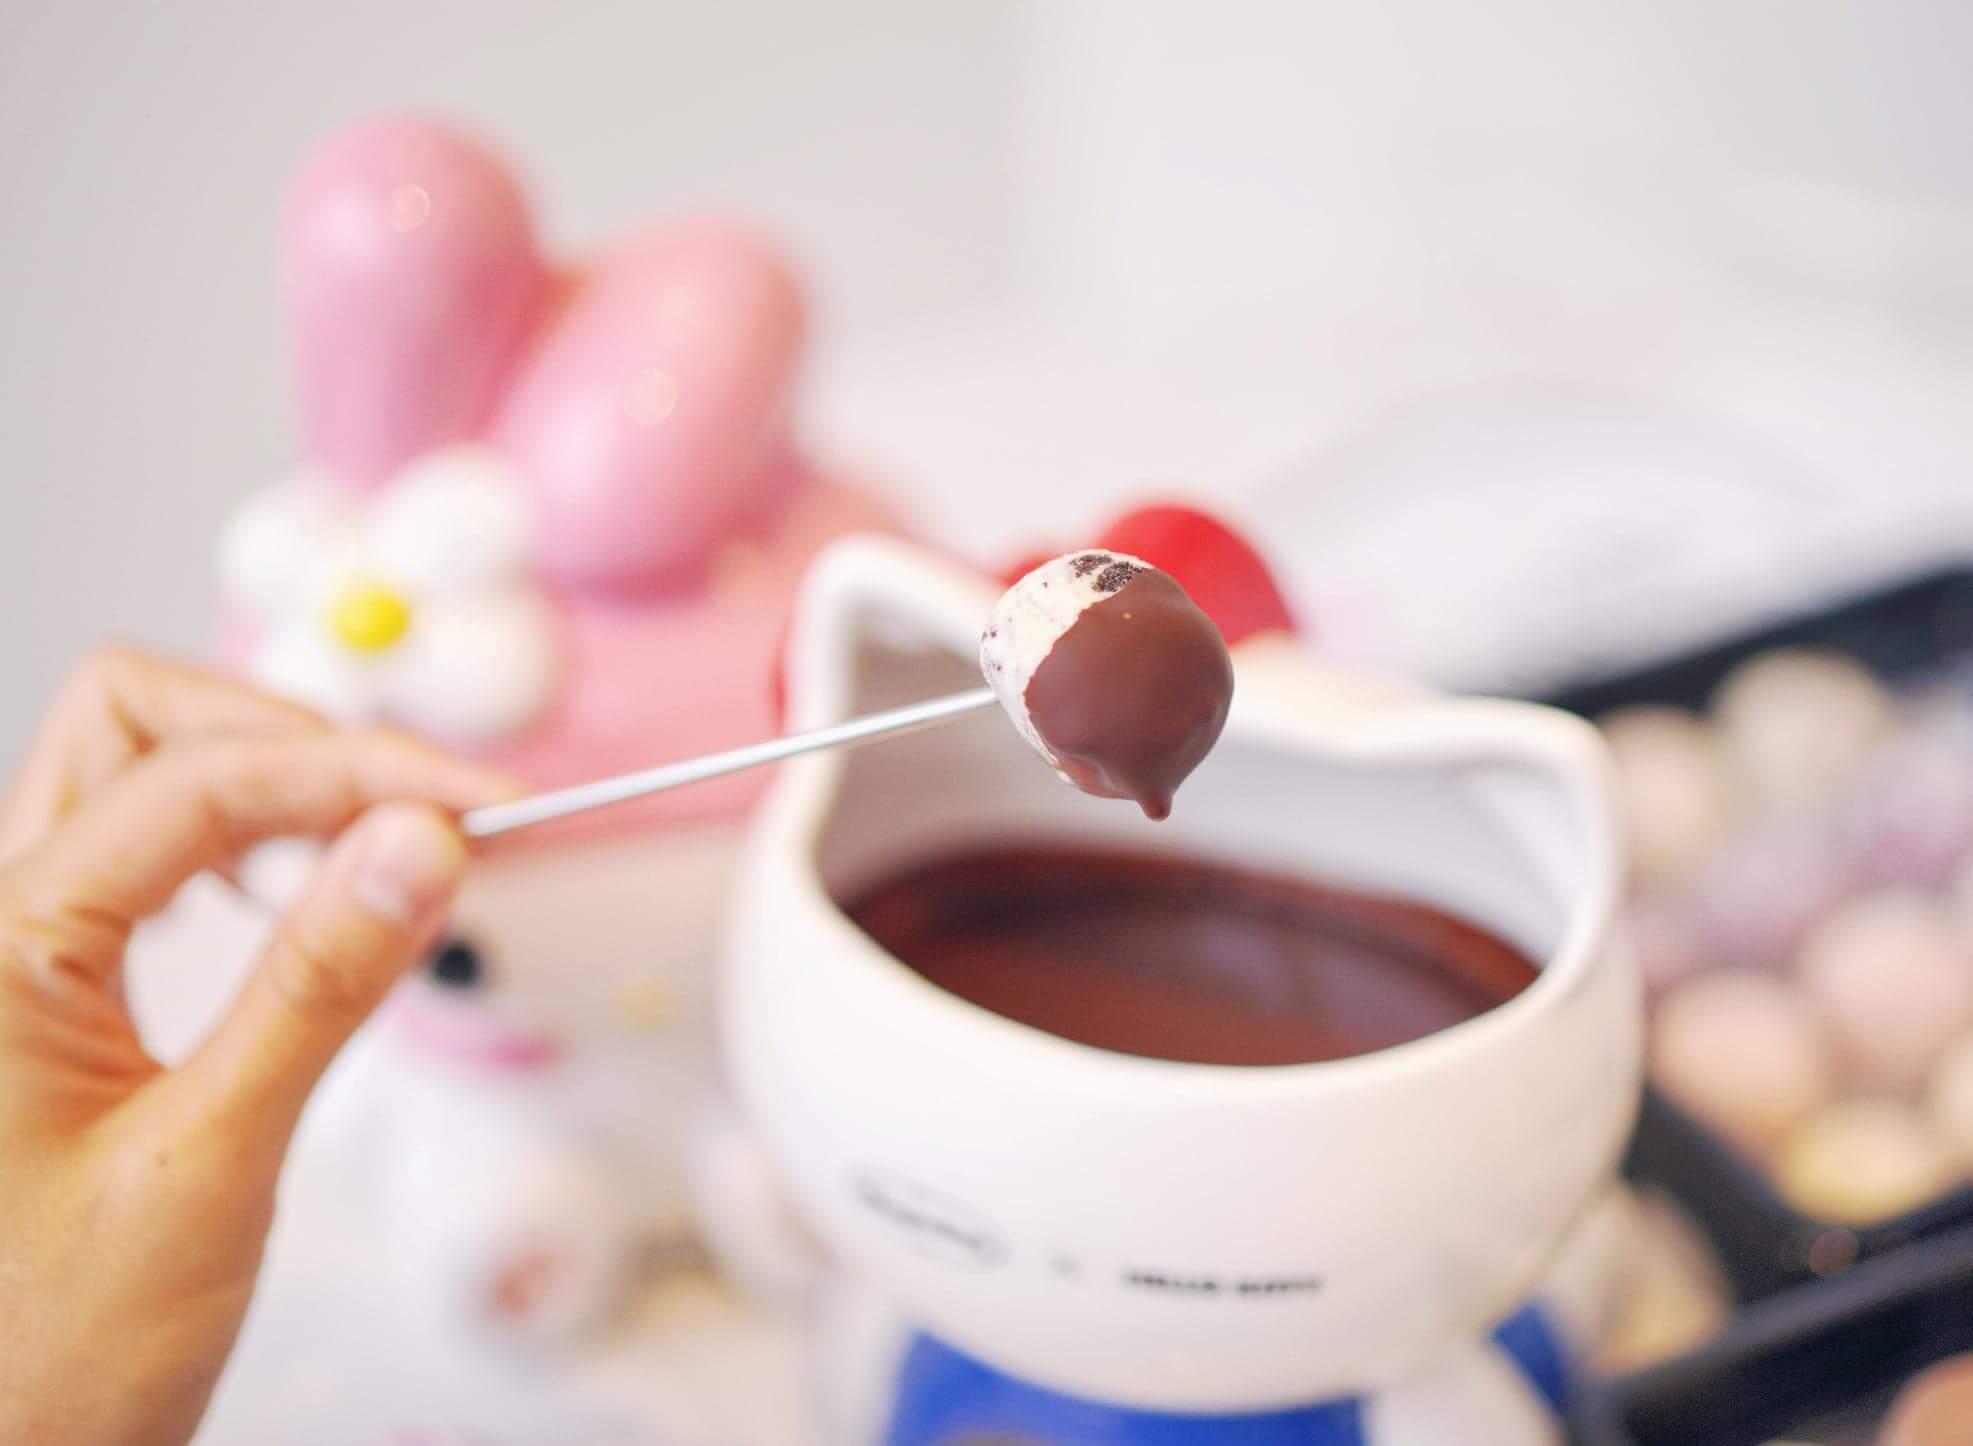 當雪糕點上朱古力,立即形成朱古力殼,吃上口外脆內香,非常治癒。